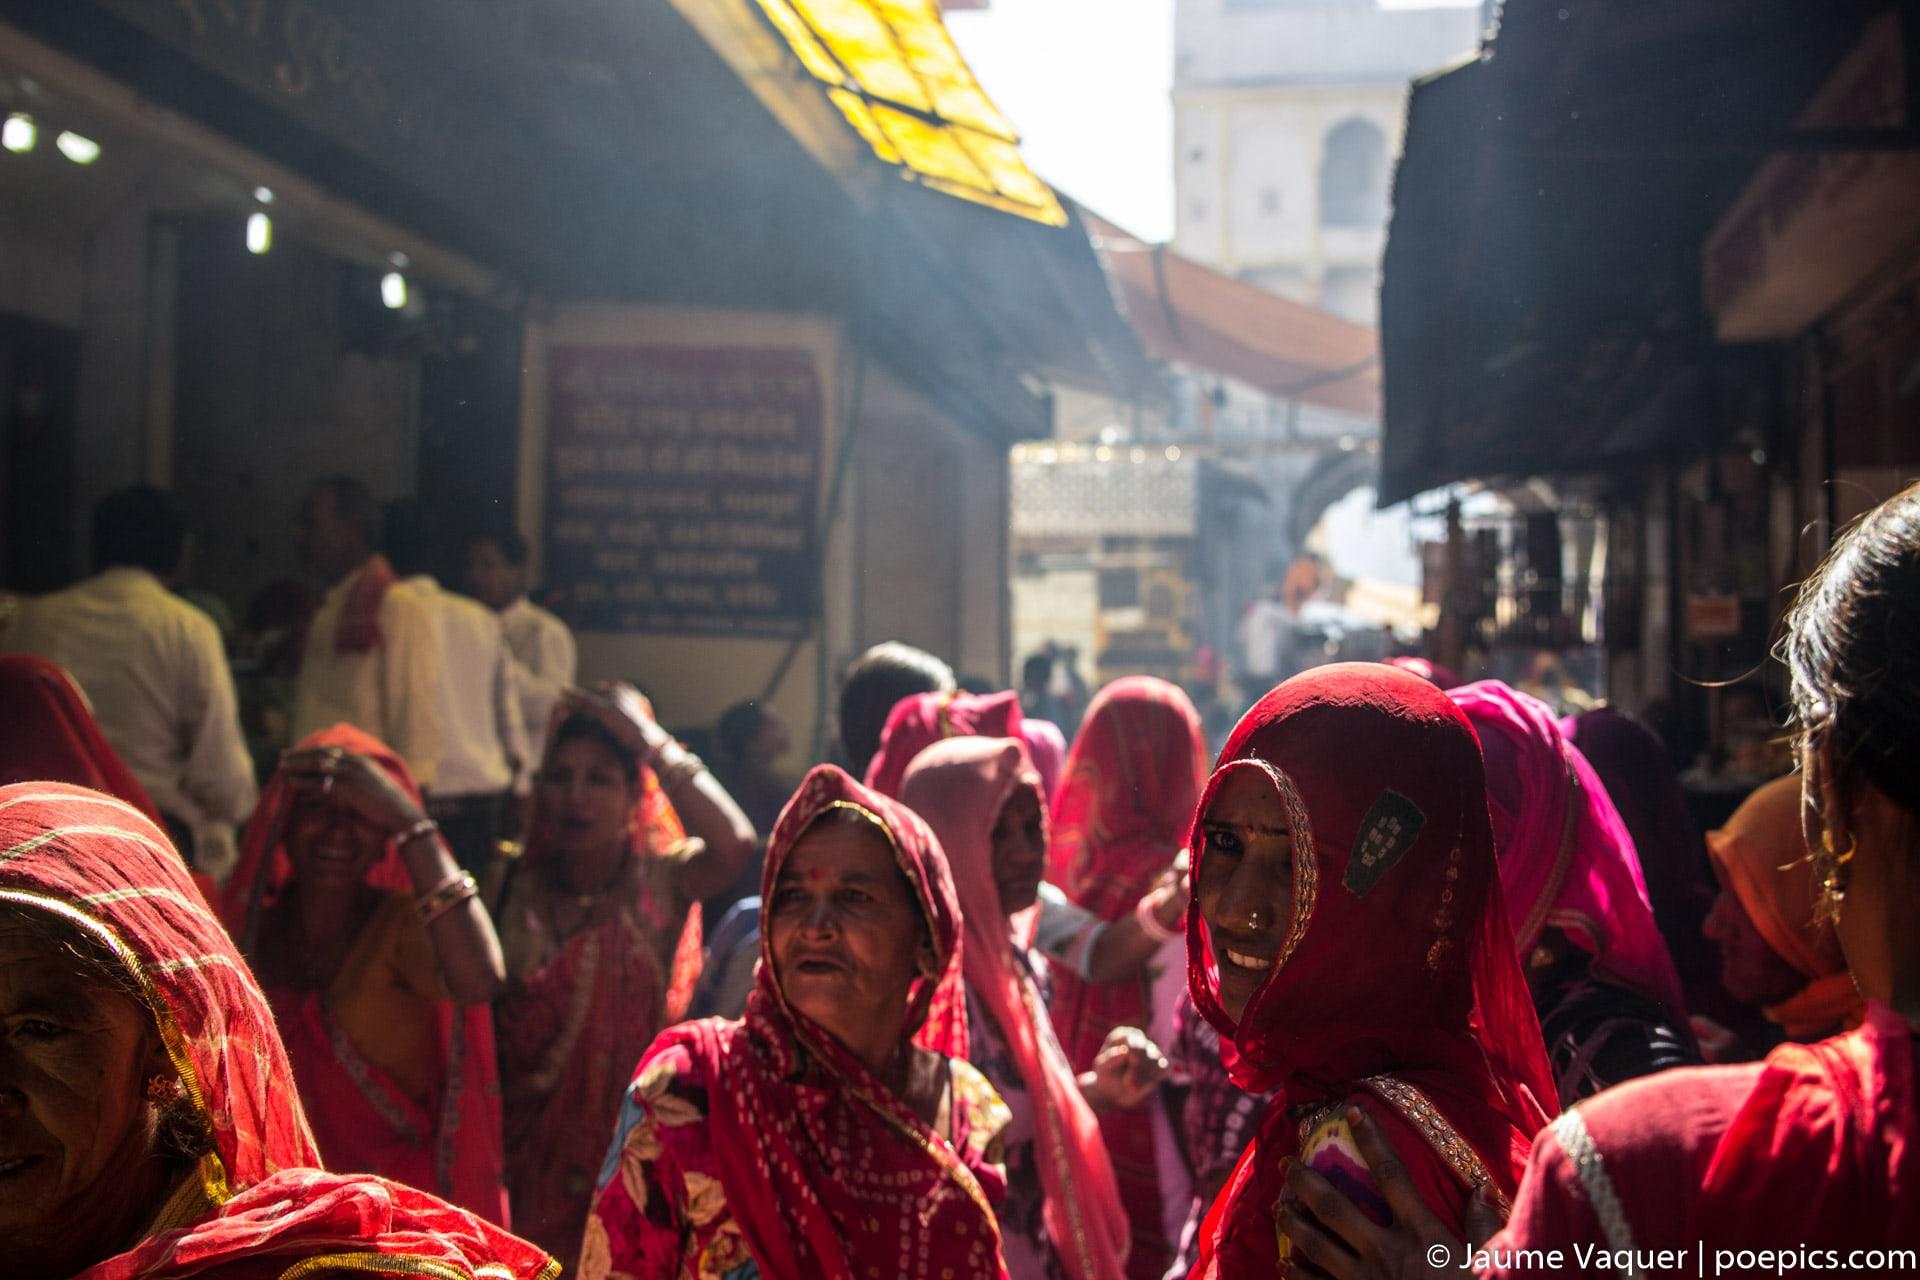 Mujeres con vestido típico India en Pushkar